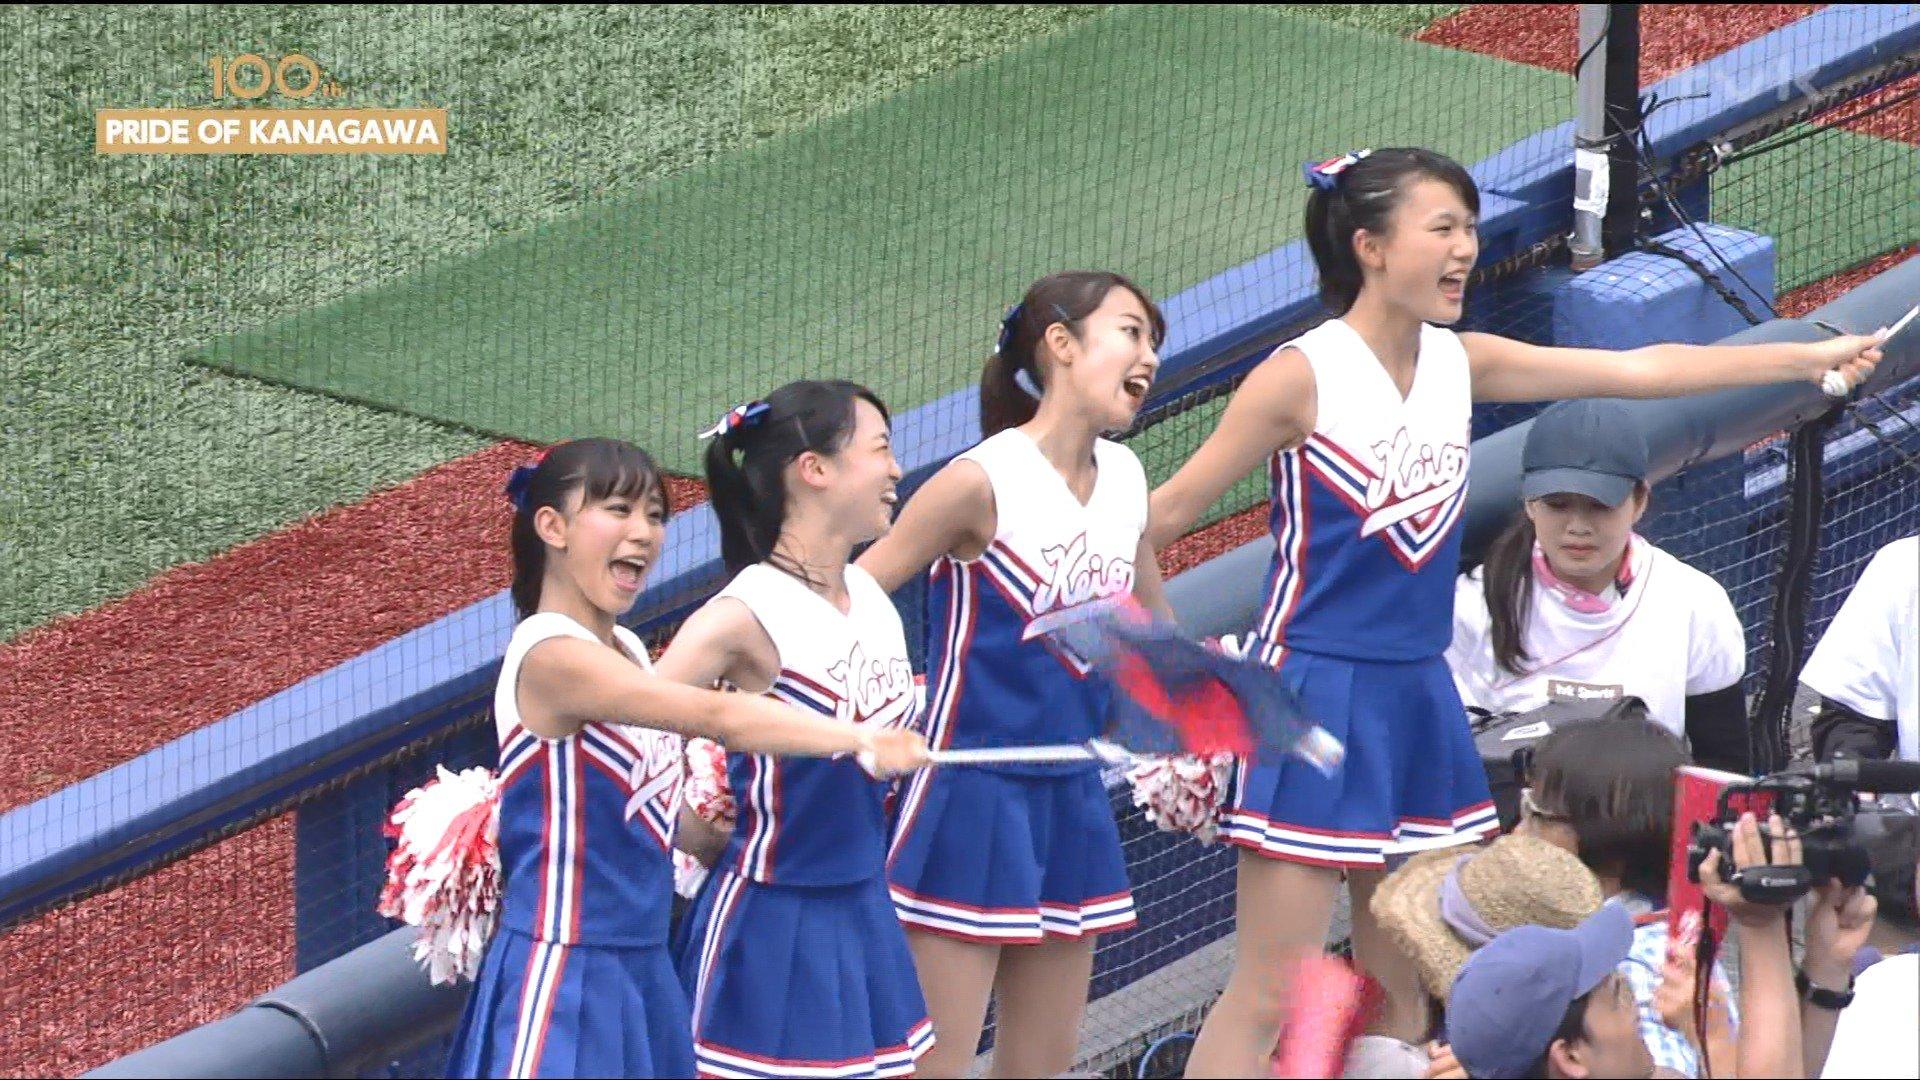 画像,慶応のチア、可愛い子多すぎるけど、この子らエスカレーターで大学入るんかな?で、テニスサークルみたいなので男に遊ばれて人生終わるのもいそう! https://t.…